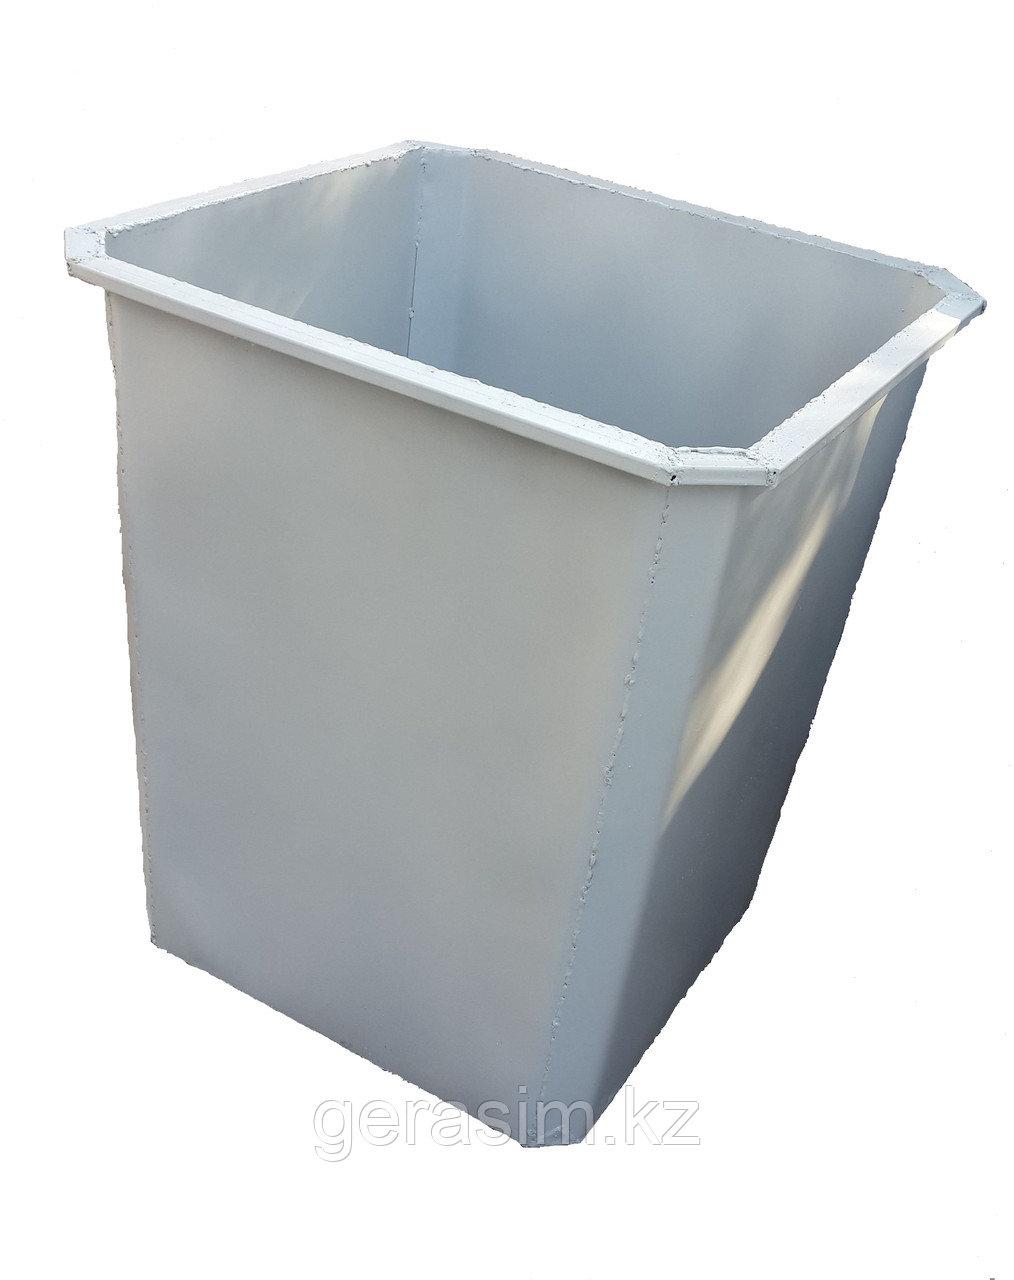 Мусорные контейнеры, Баки под мусор (документы, НДС)